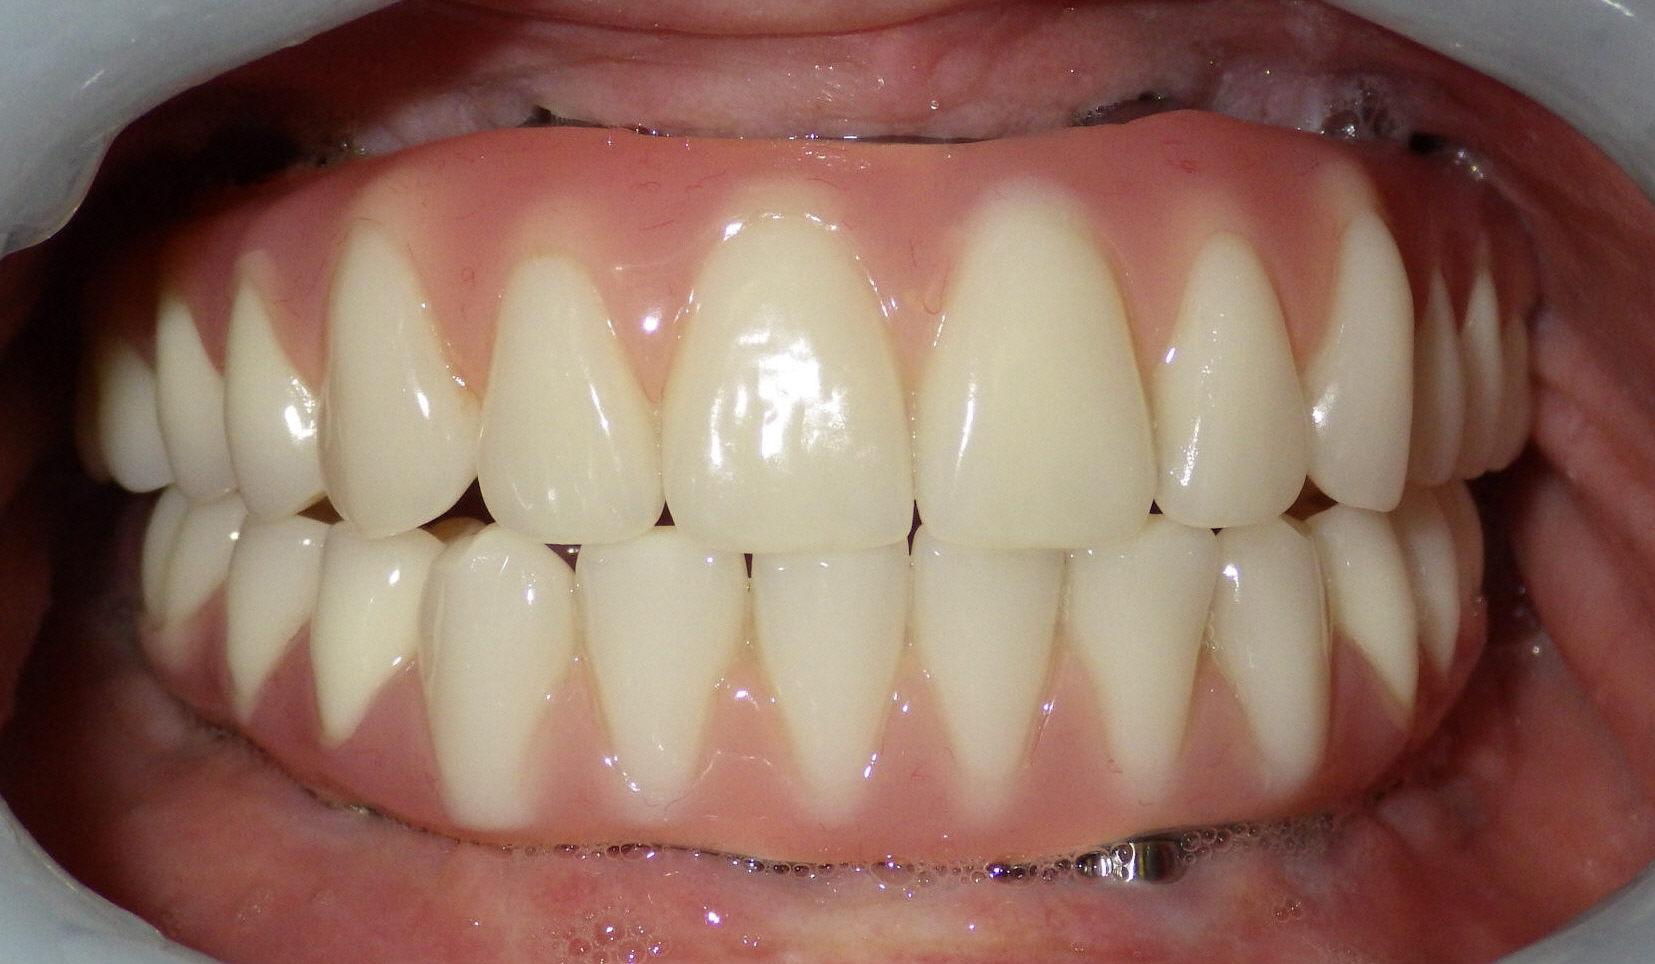 Post-procedure view of patient's teeth